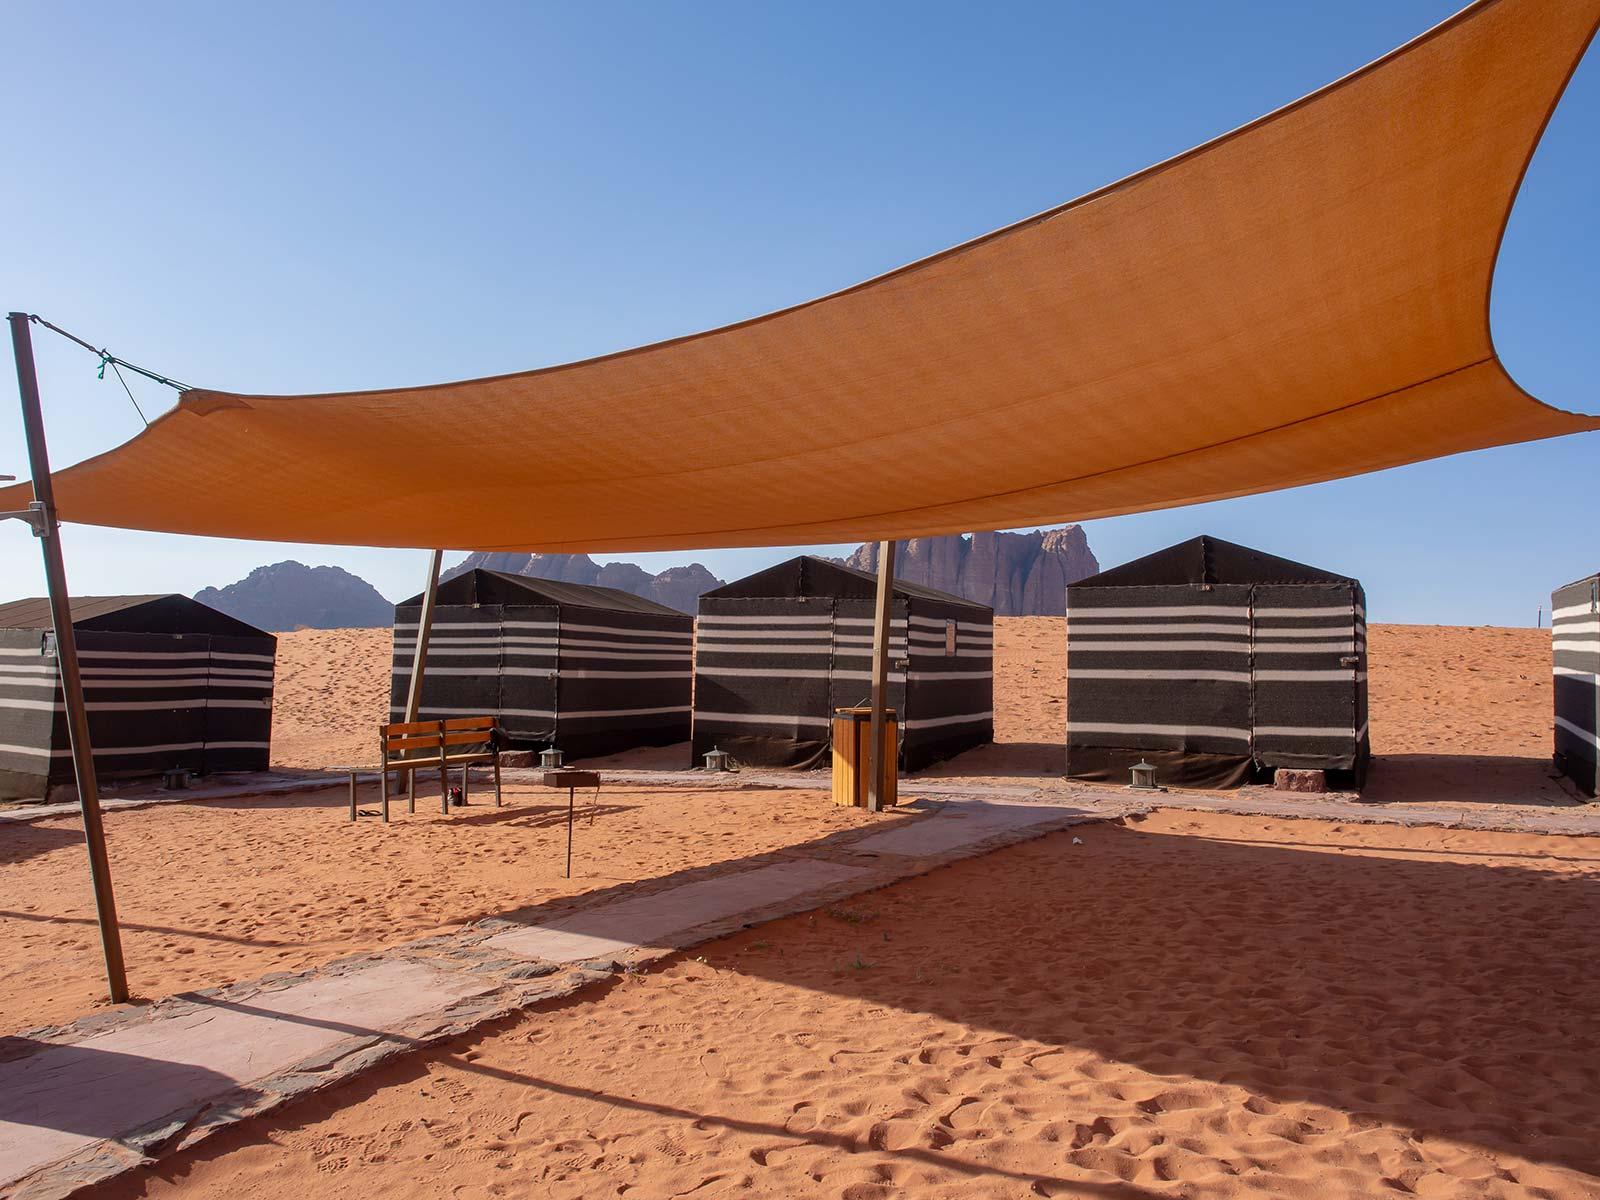 Beduinencamp in Wadi Rum